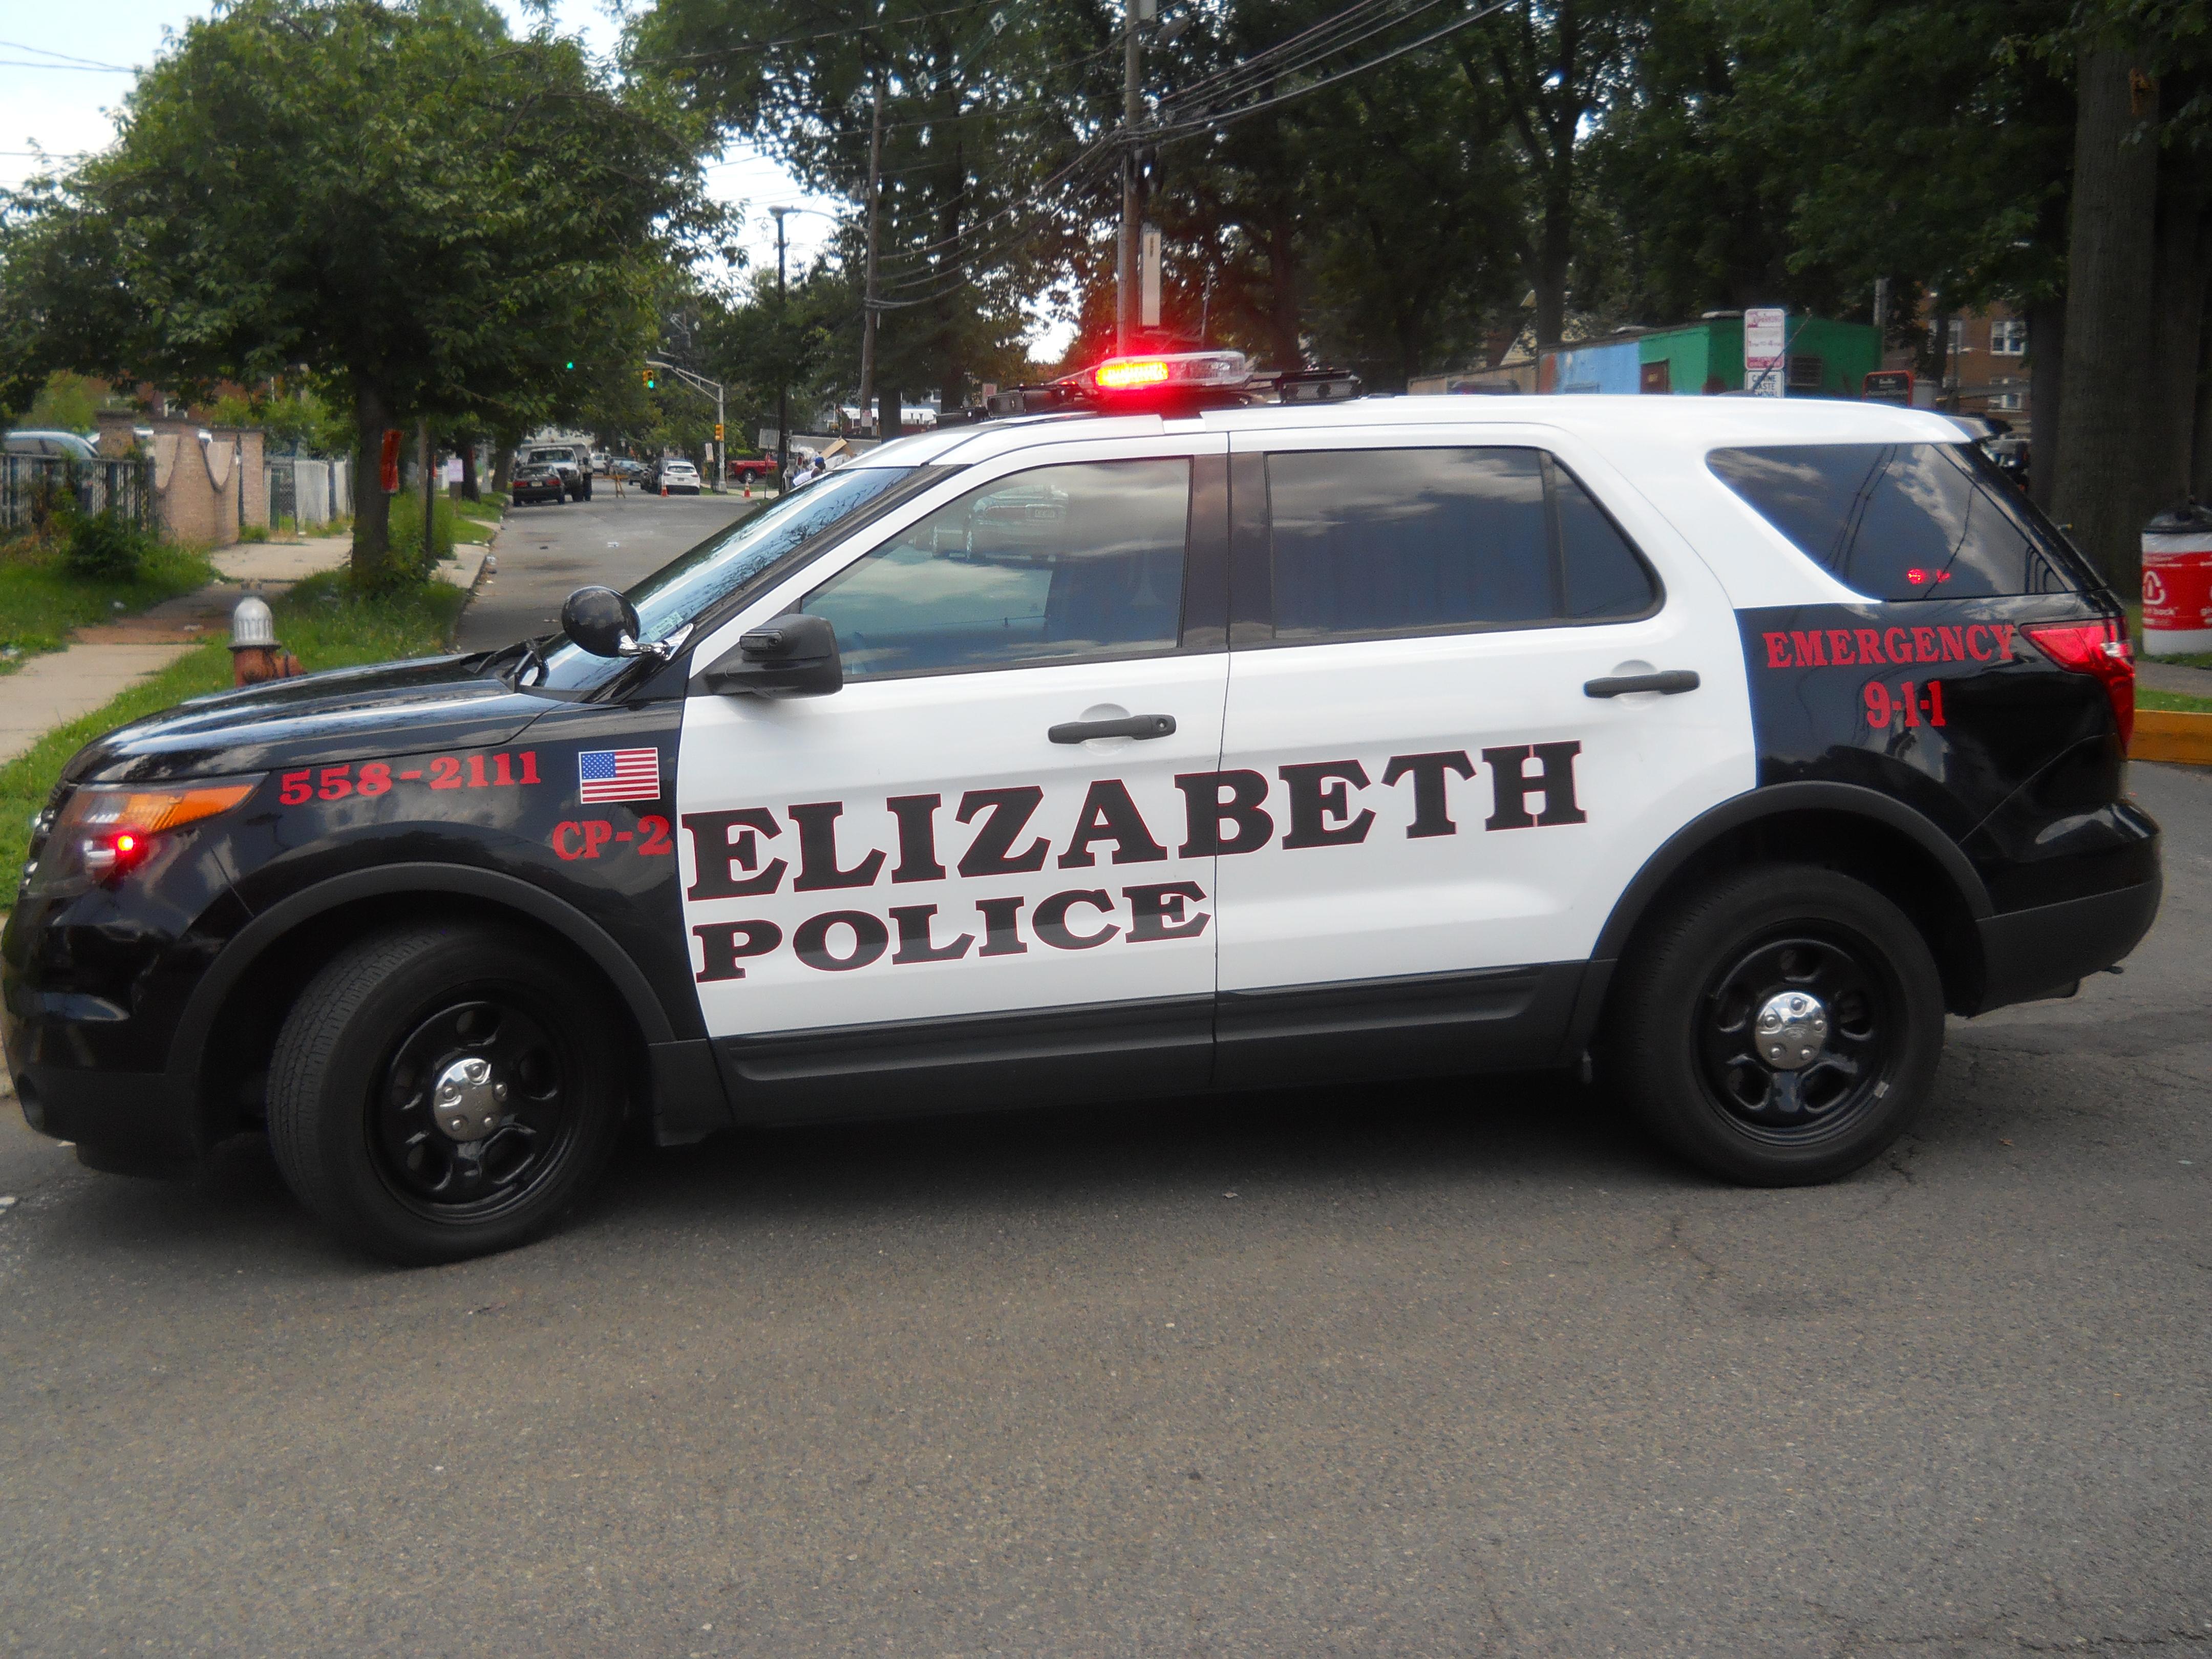 eef22afccf613618cf7e_Police_Car.jpg